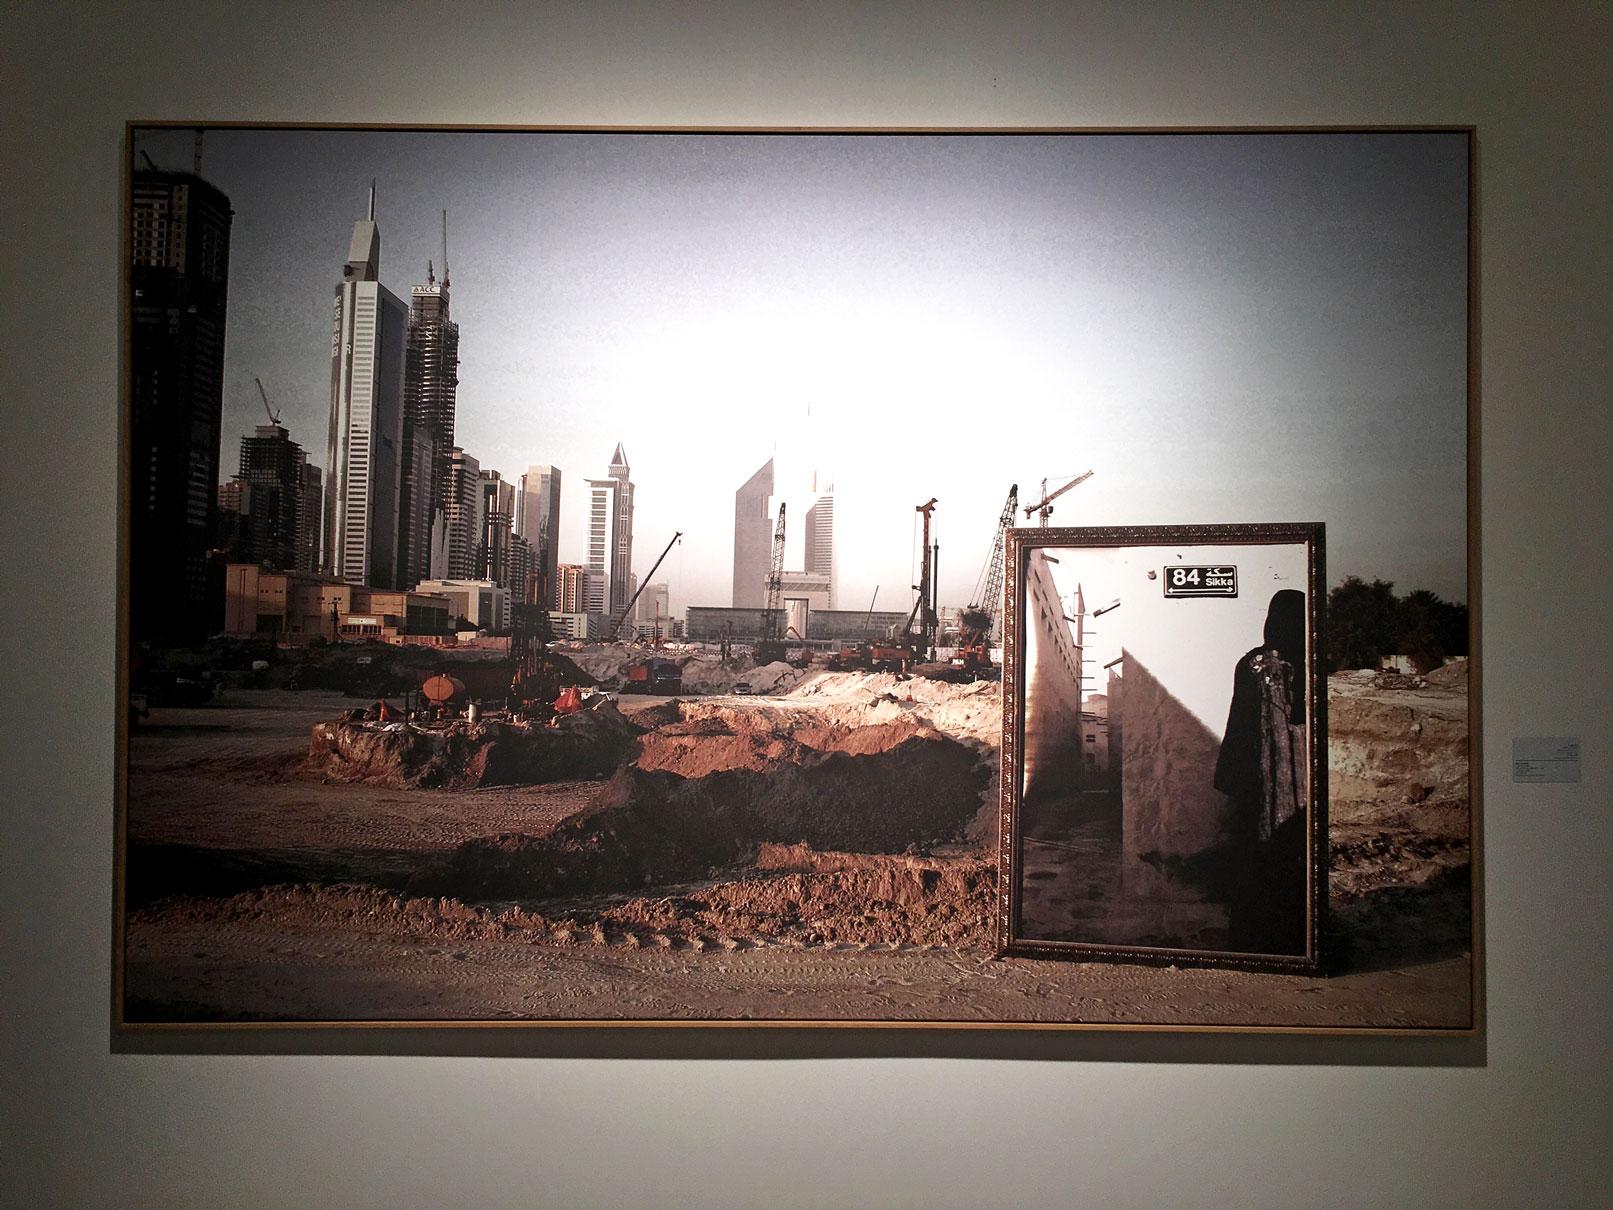 Reem Al Ghaith, Frame Five, 2006